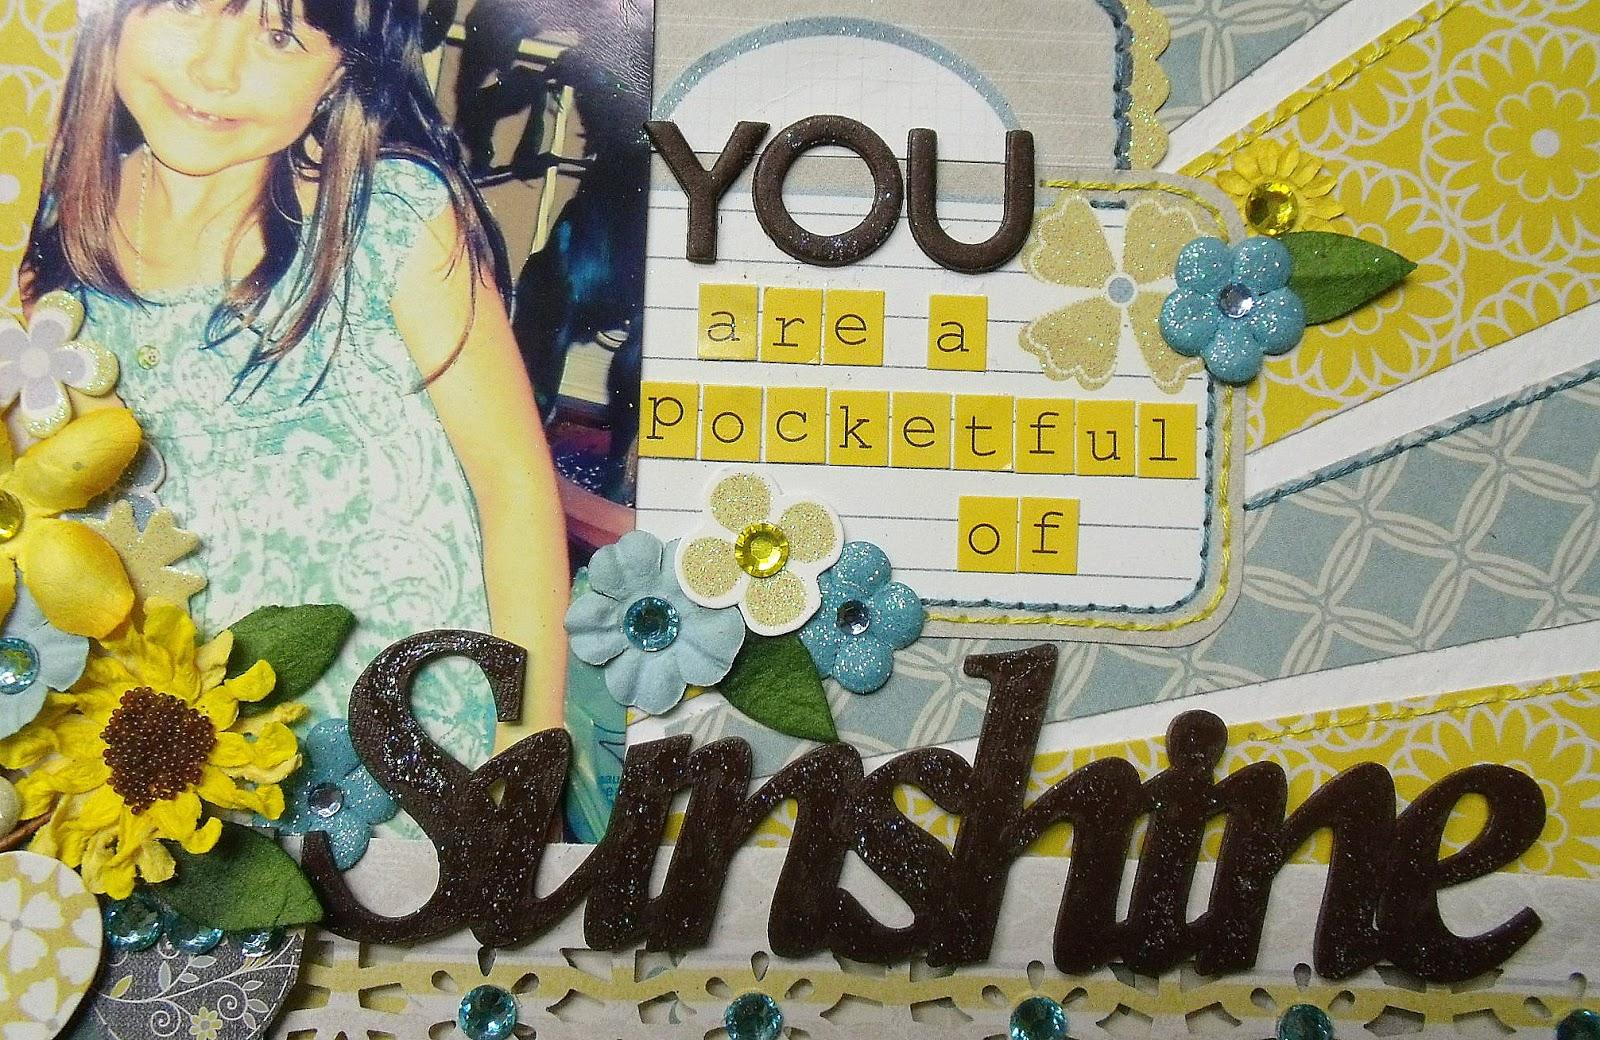 http://1.bp.blogspot.com/-KxcmwJ7kvyQ/UP9OyDnFs0I/AAAAAAAAE6k/nCAr0uJeYt8/s1600/Pocketful+Of+Sunshine+-+details1.JPG